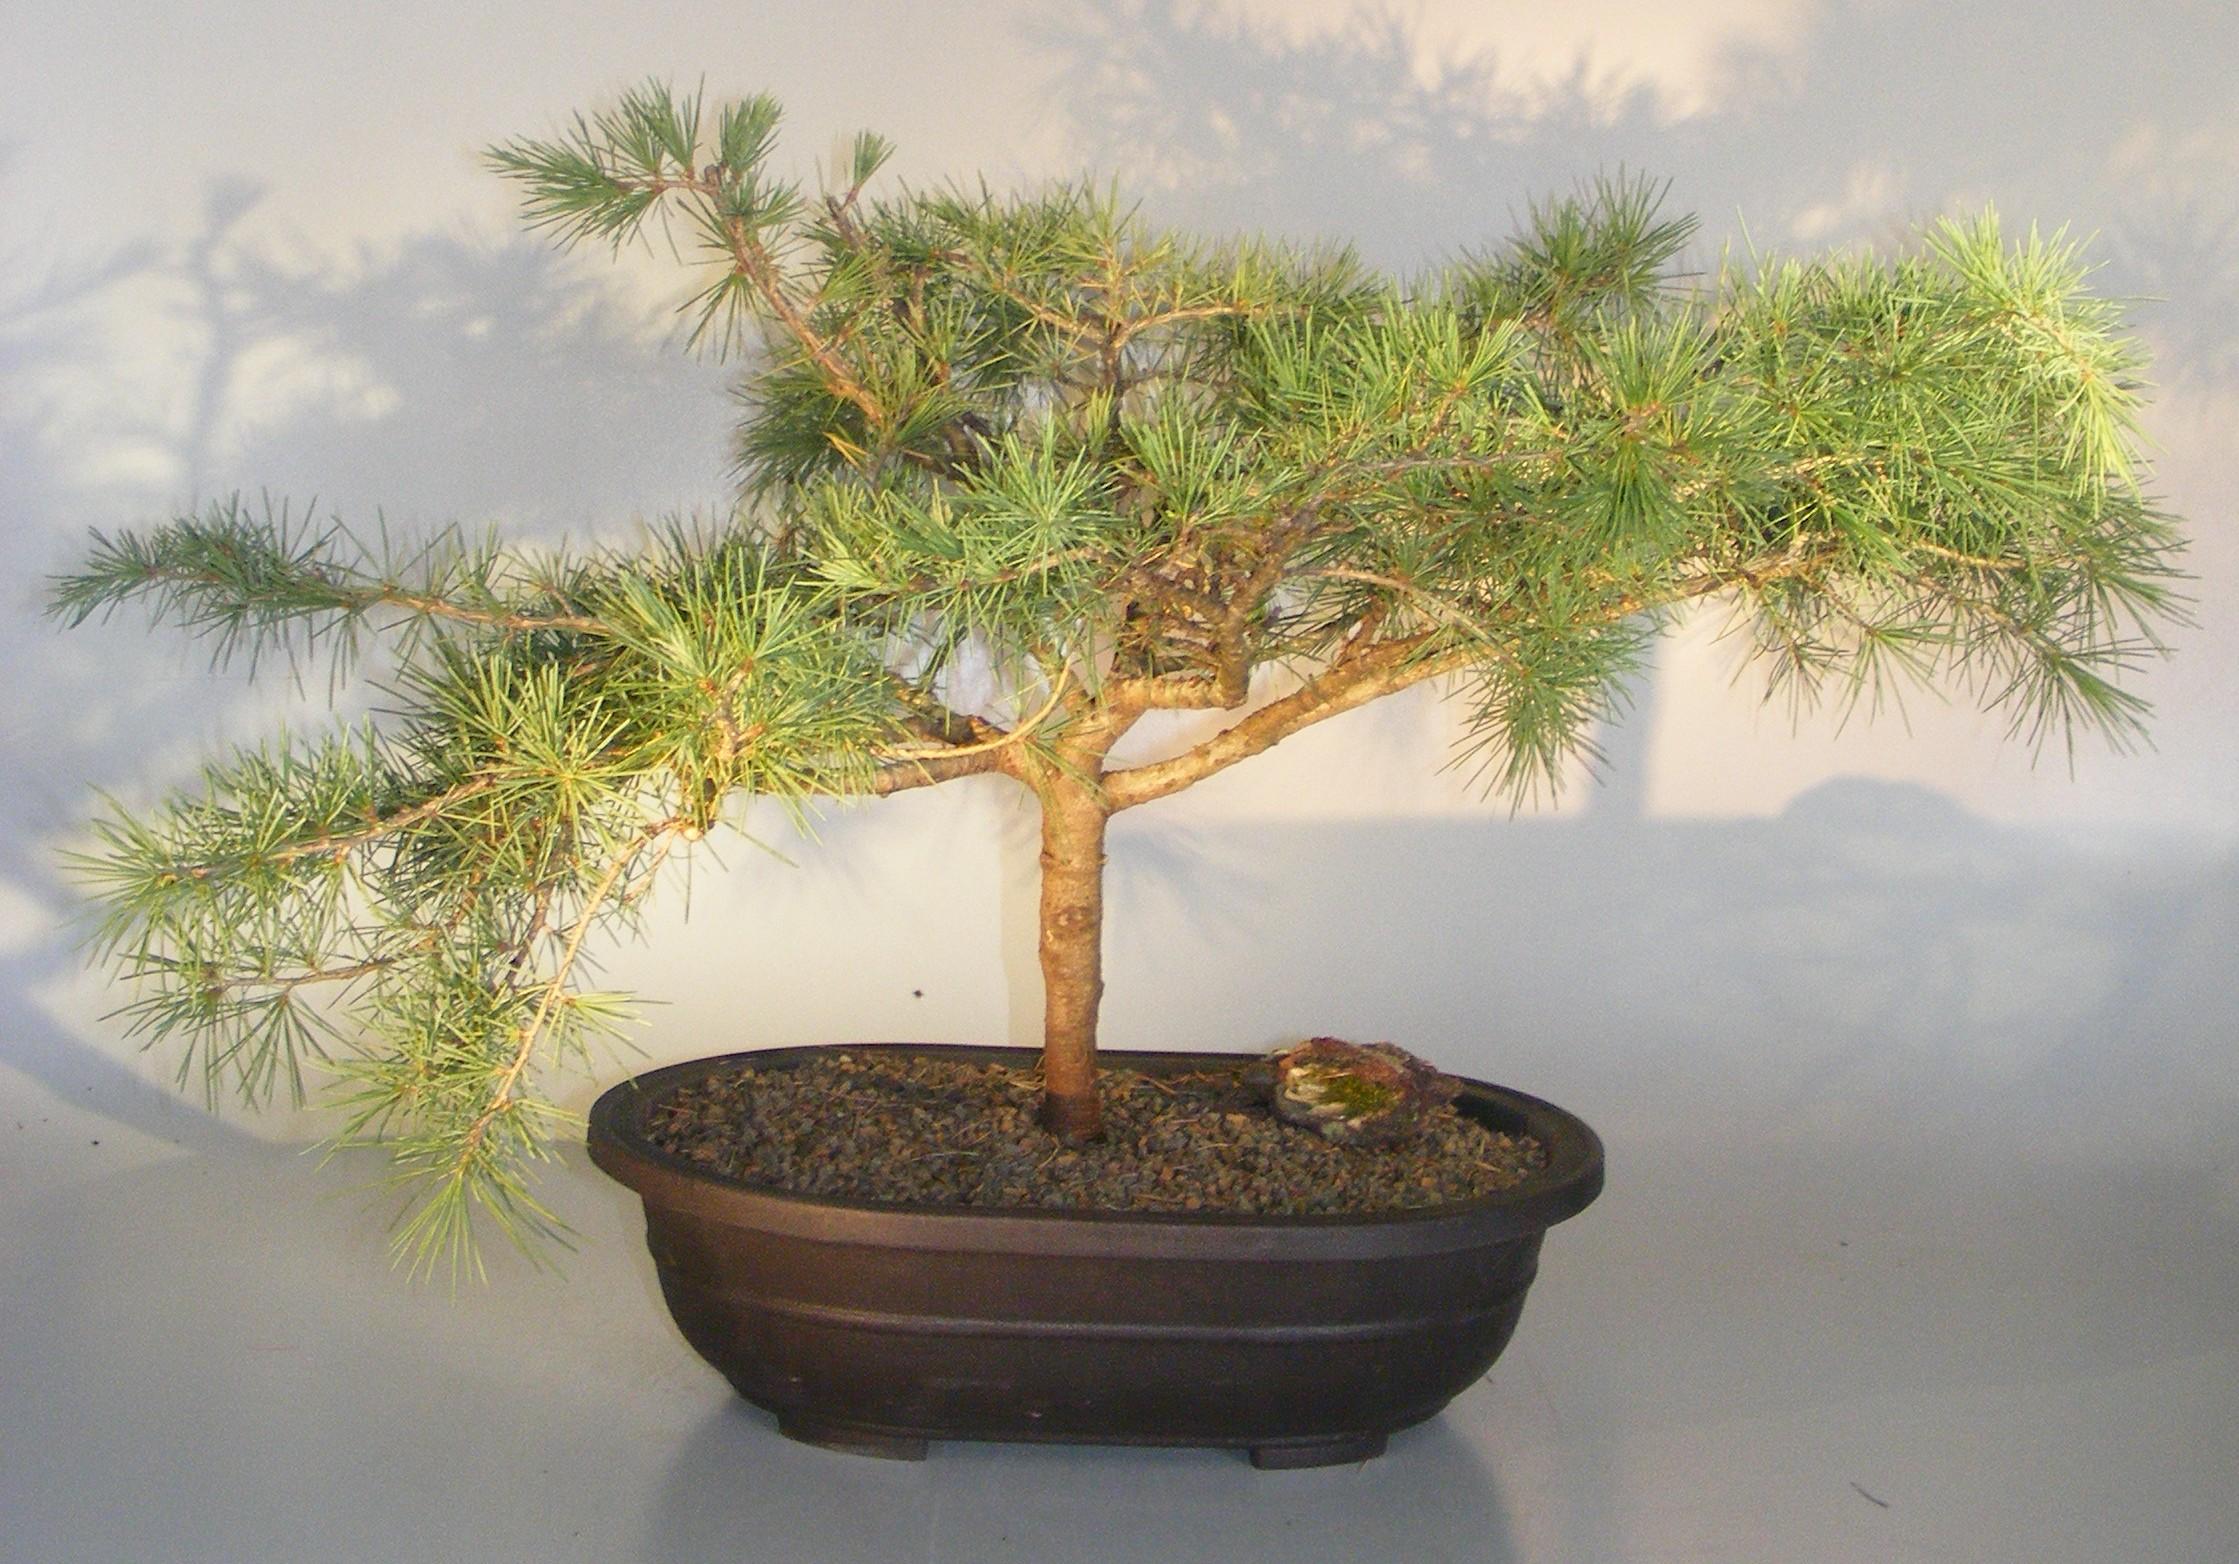 Deodar Cedar 'Snow Sprite' Bonsai Tree(cedrus deodara) Image